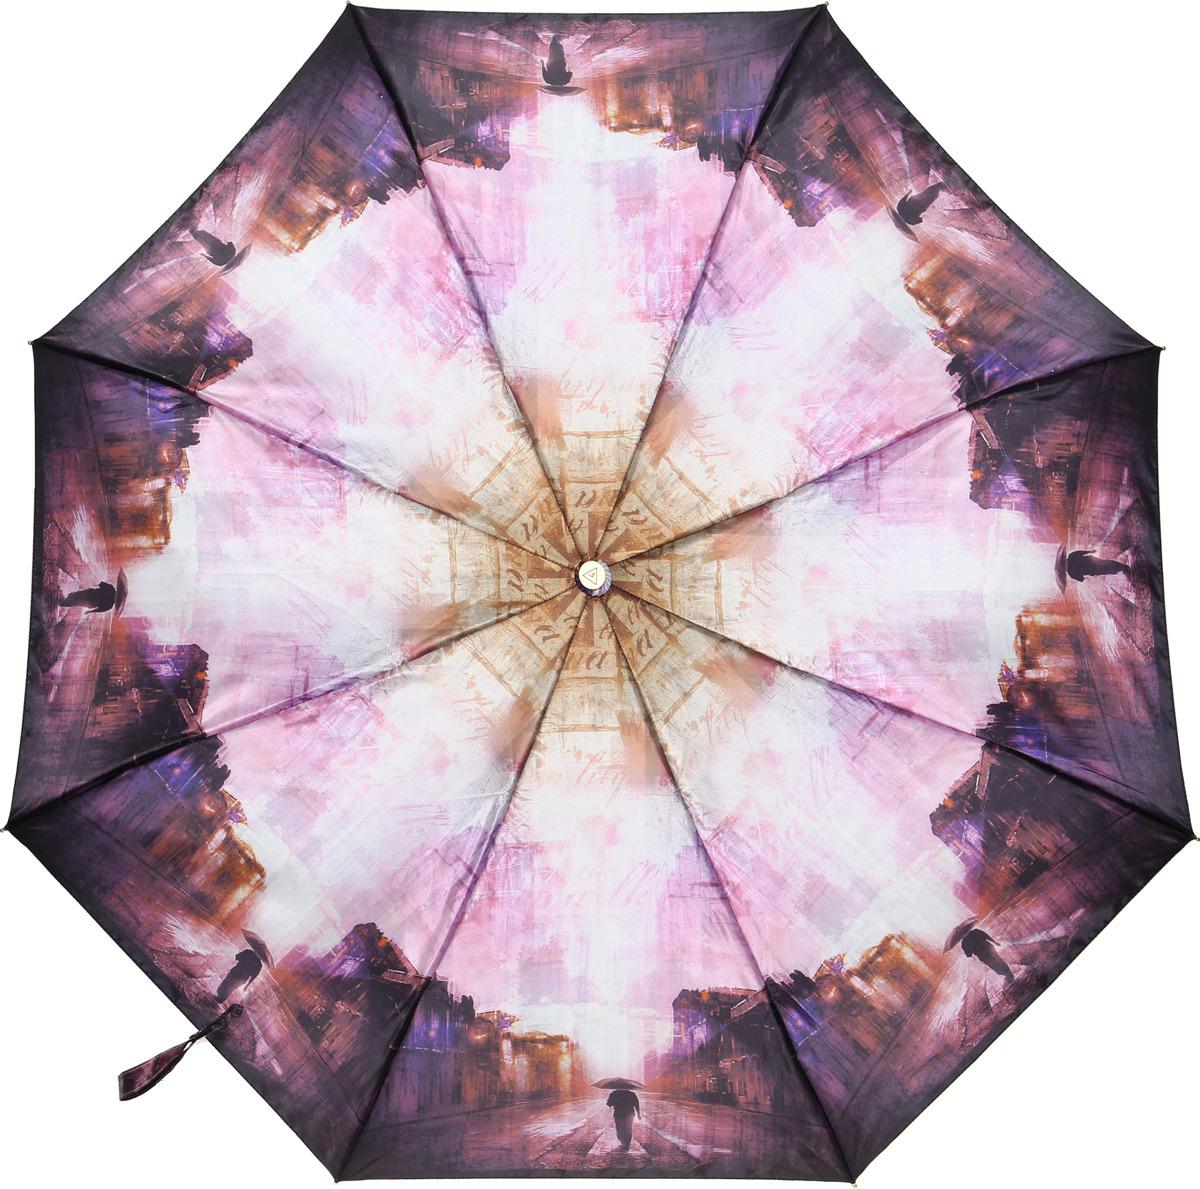 Зонт женский Fabretti, суперавтомат, 3 сложения, цвет: разноцветный. L-18116-9 недорго, оригинальная цена